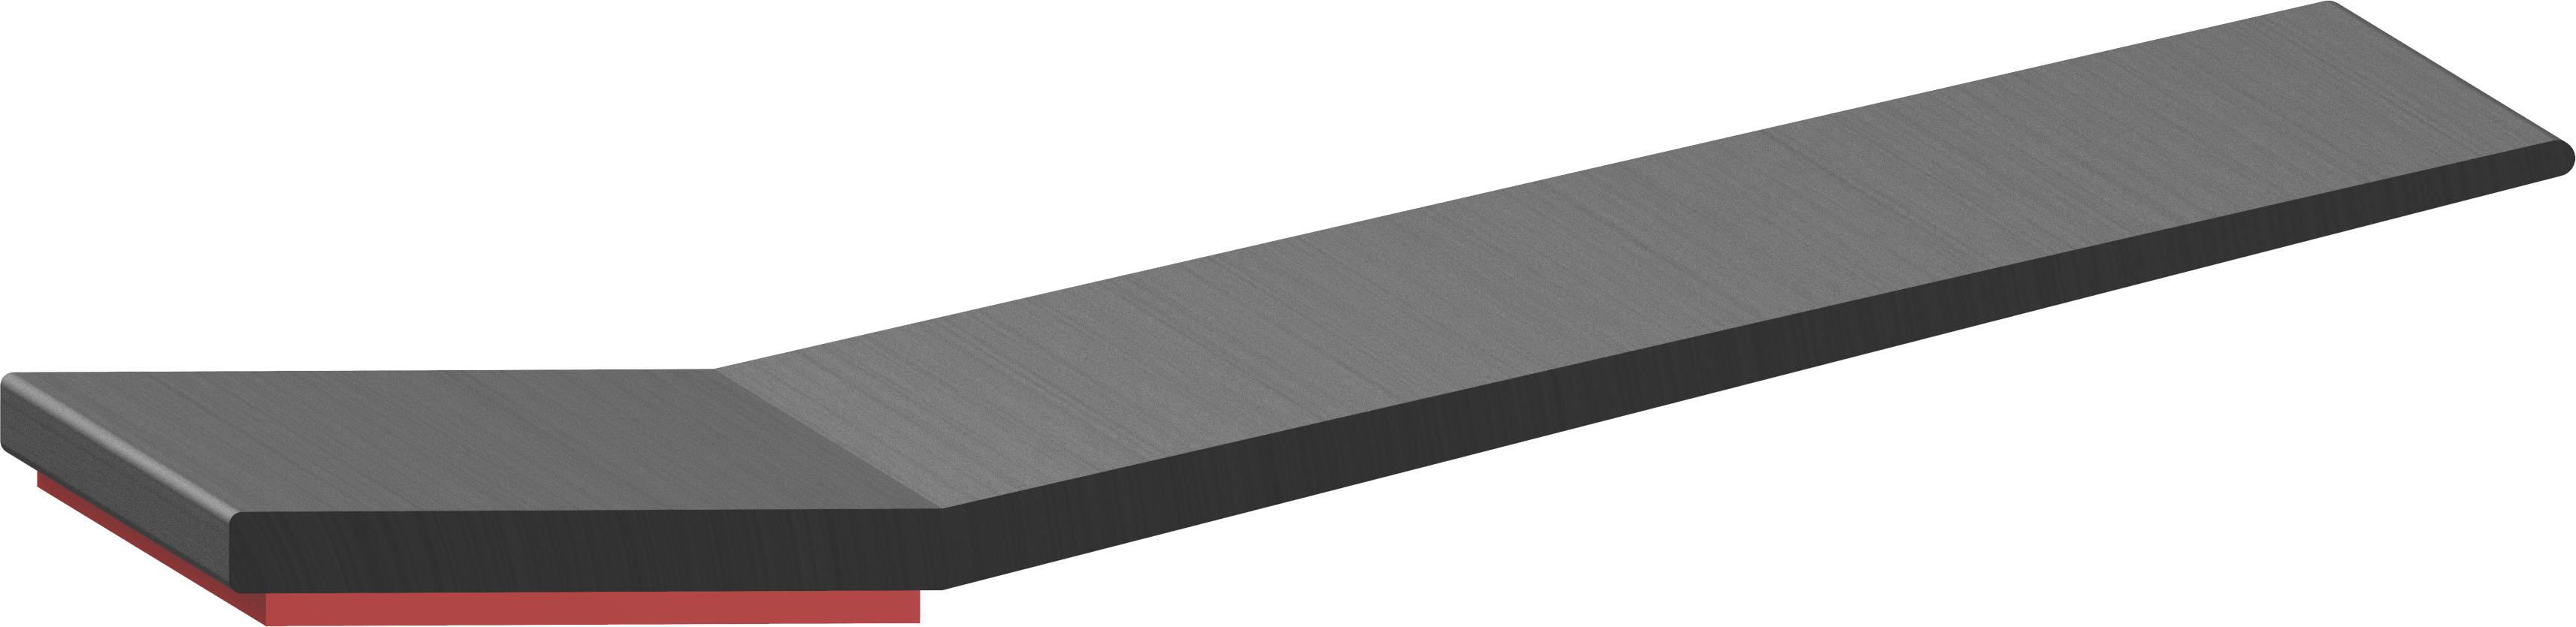 Uni-Grip part: SD-417-T